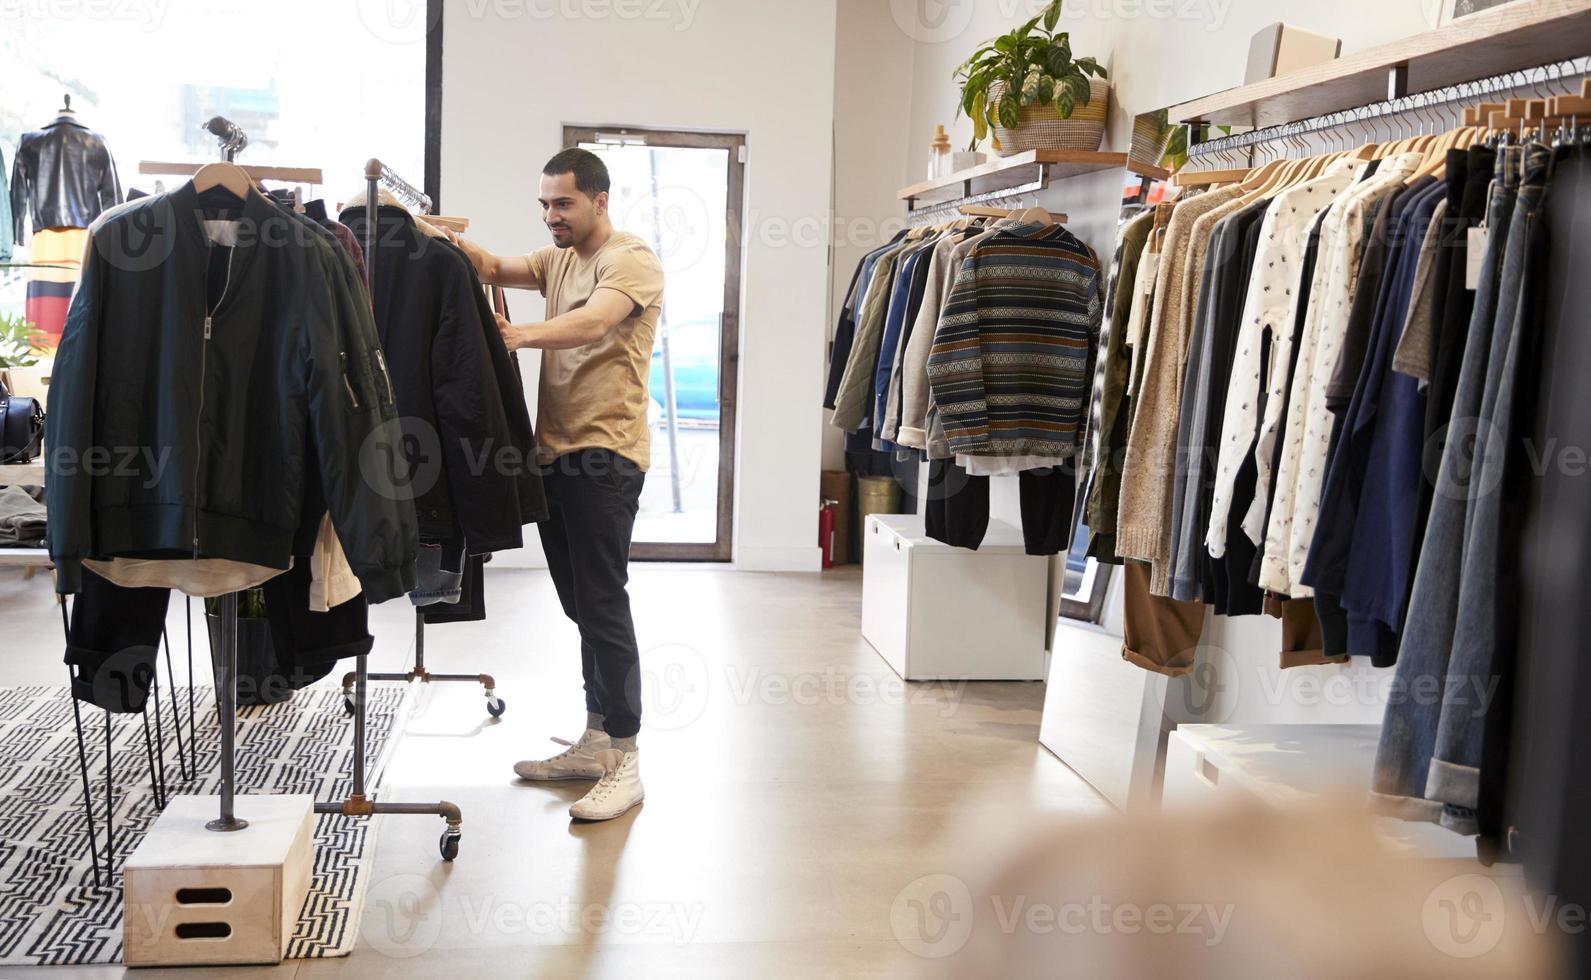 ung latinamerikansk man tittar på kläder i en klädbutik foto